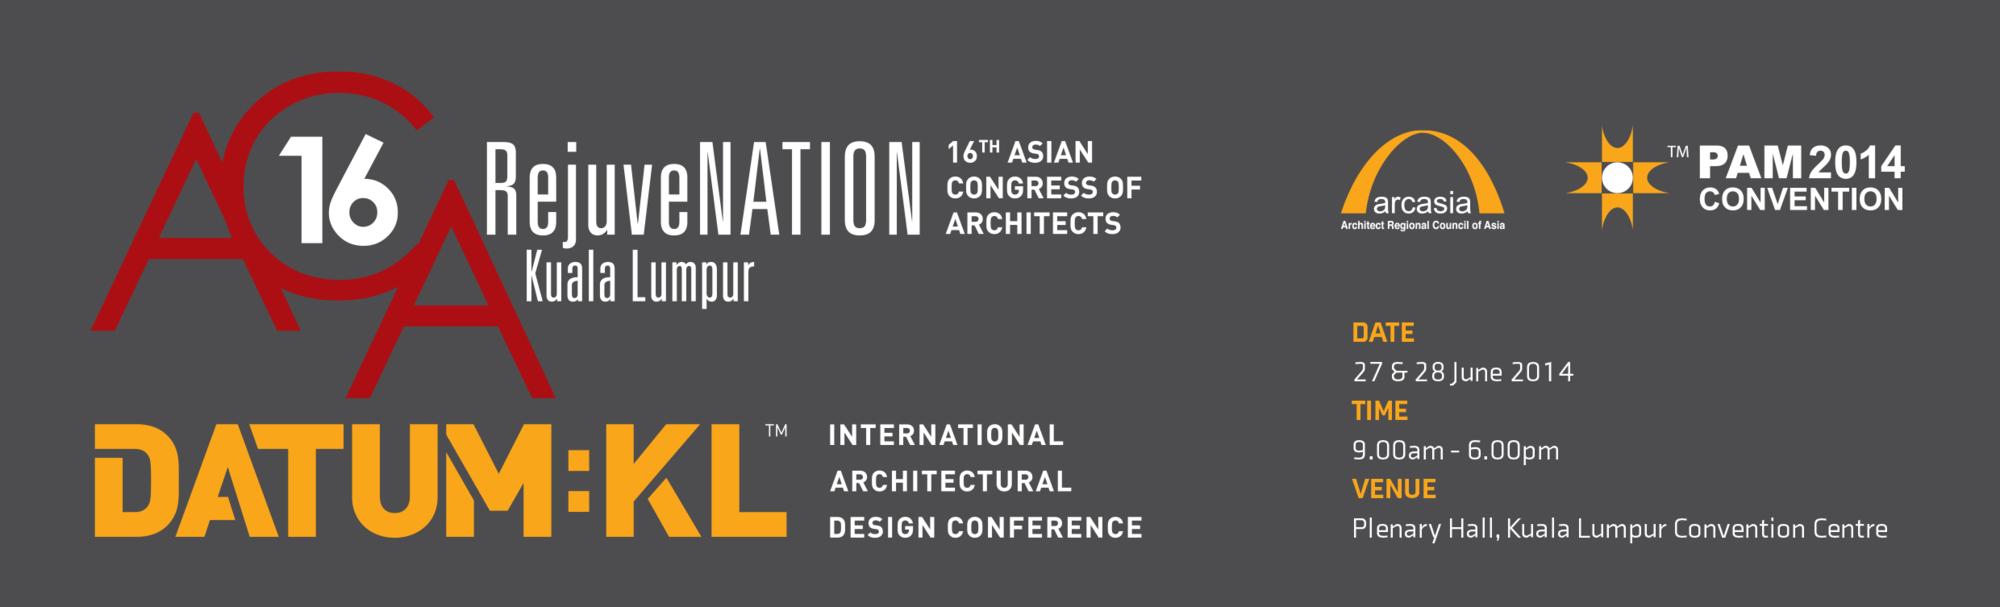 16th Asian Congress of Architects, em Kuala Lumpur